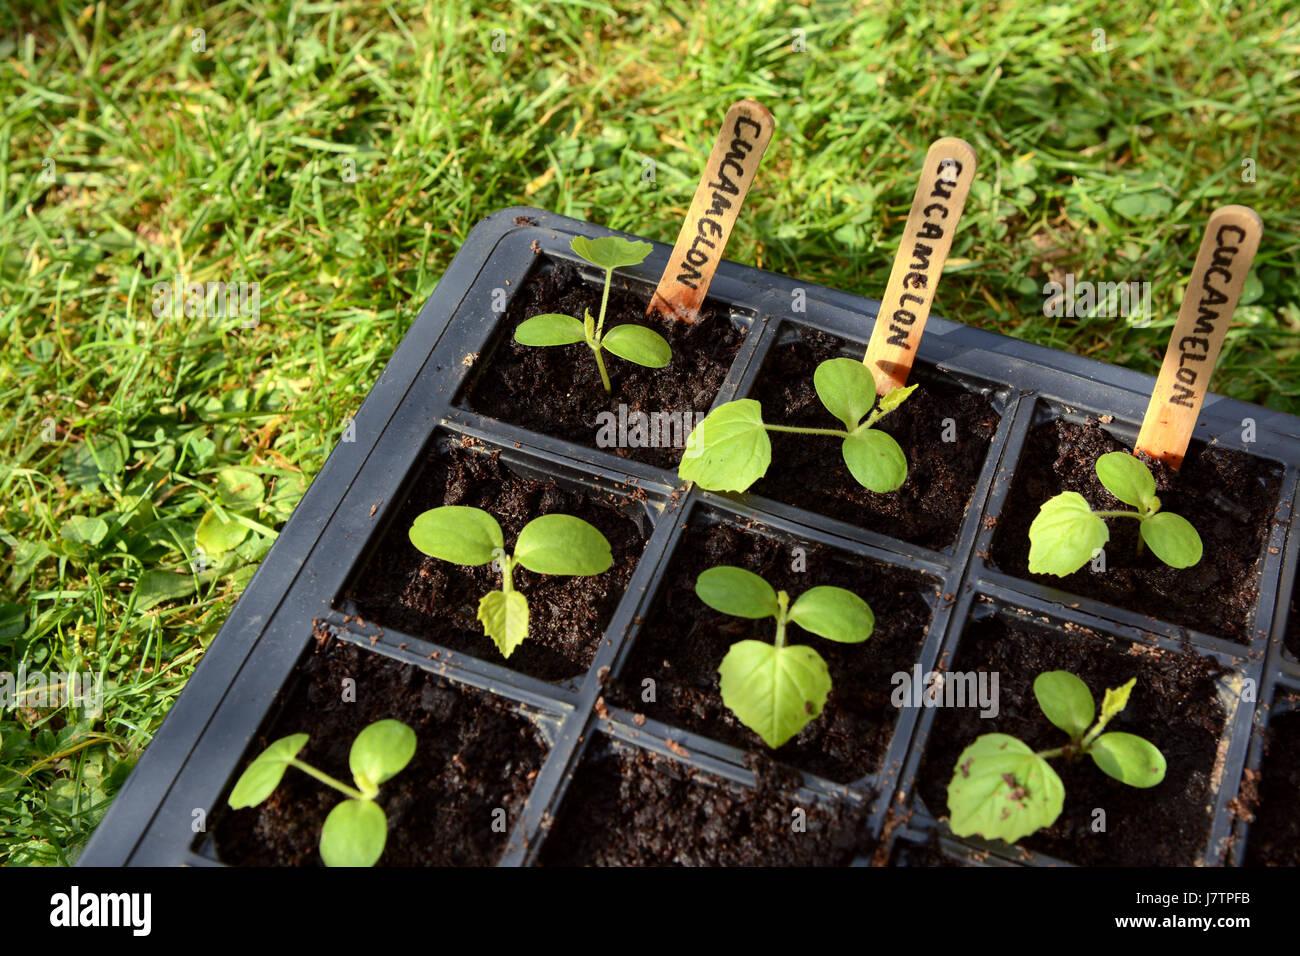 cucamelon les semis de vraies feuilles dans le bac de semences d